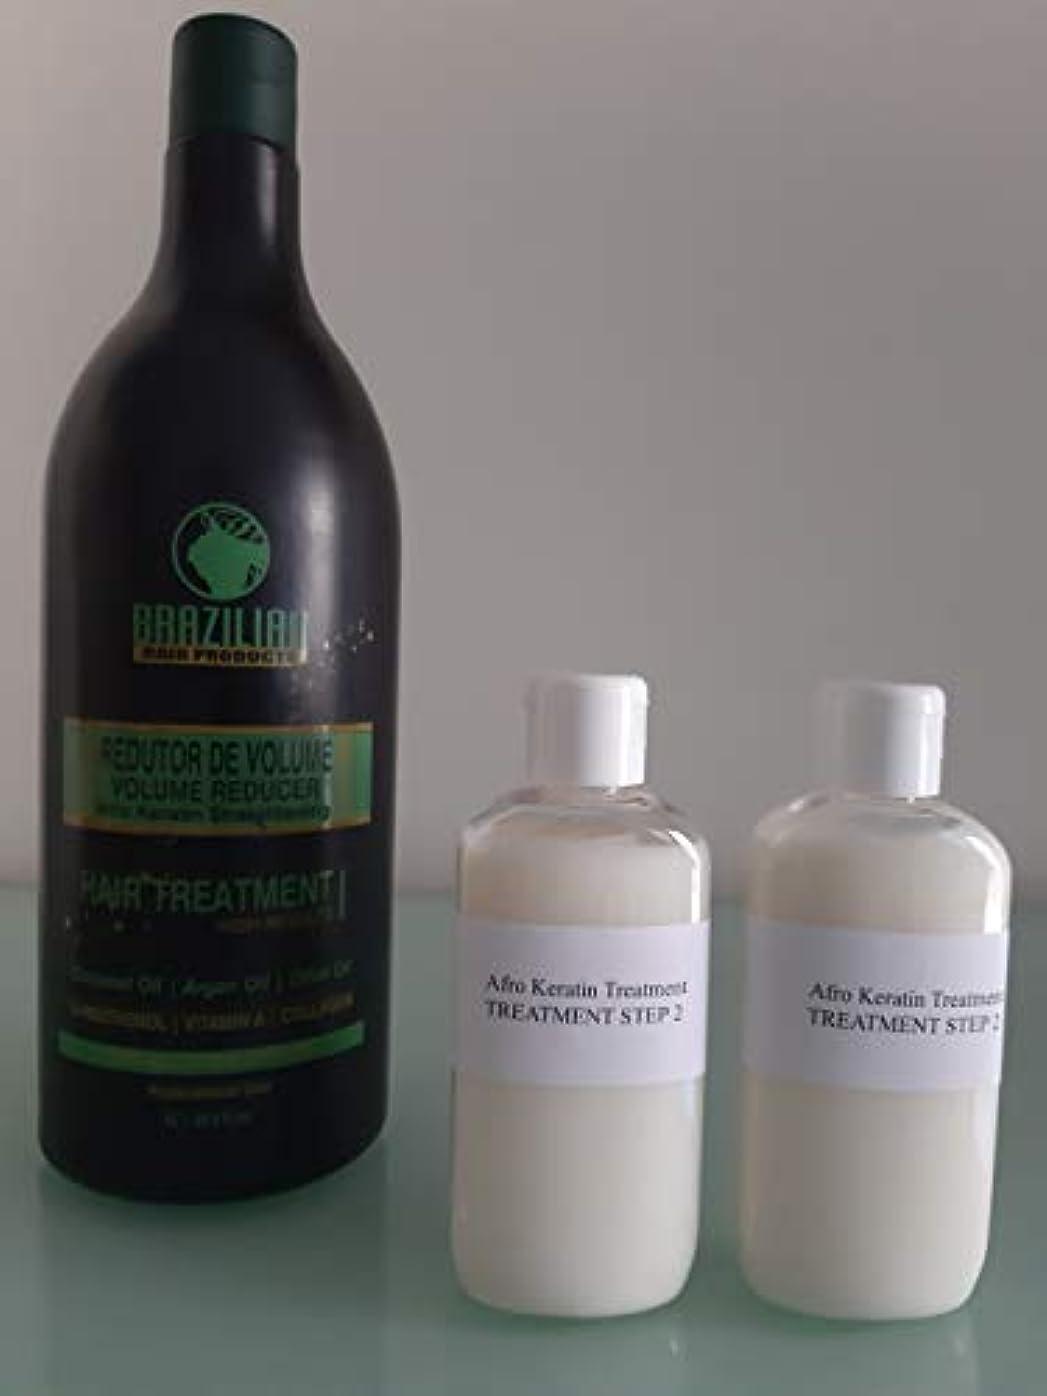 アフロブラジルシステムケラチン毛矯正治療マルチサイズ (2 X 100ML ただケラチン)